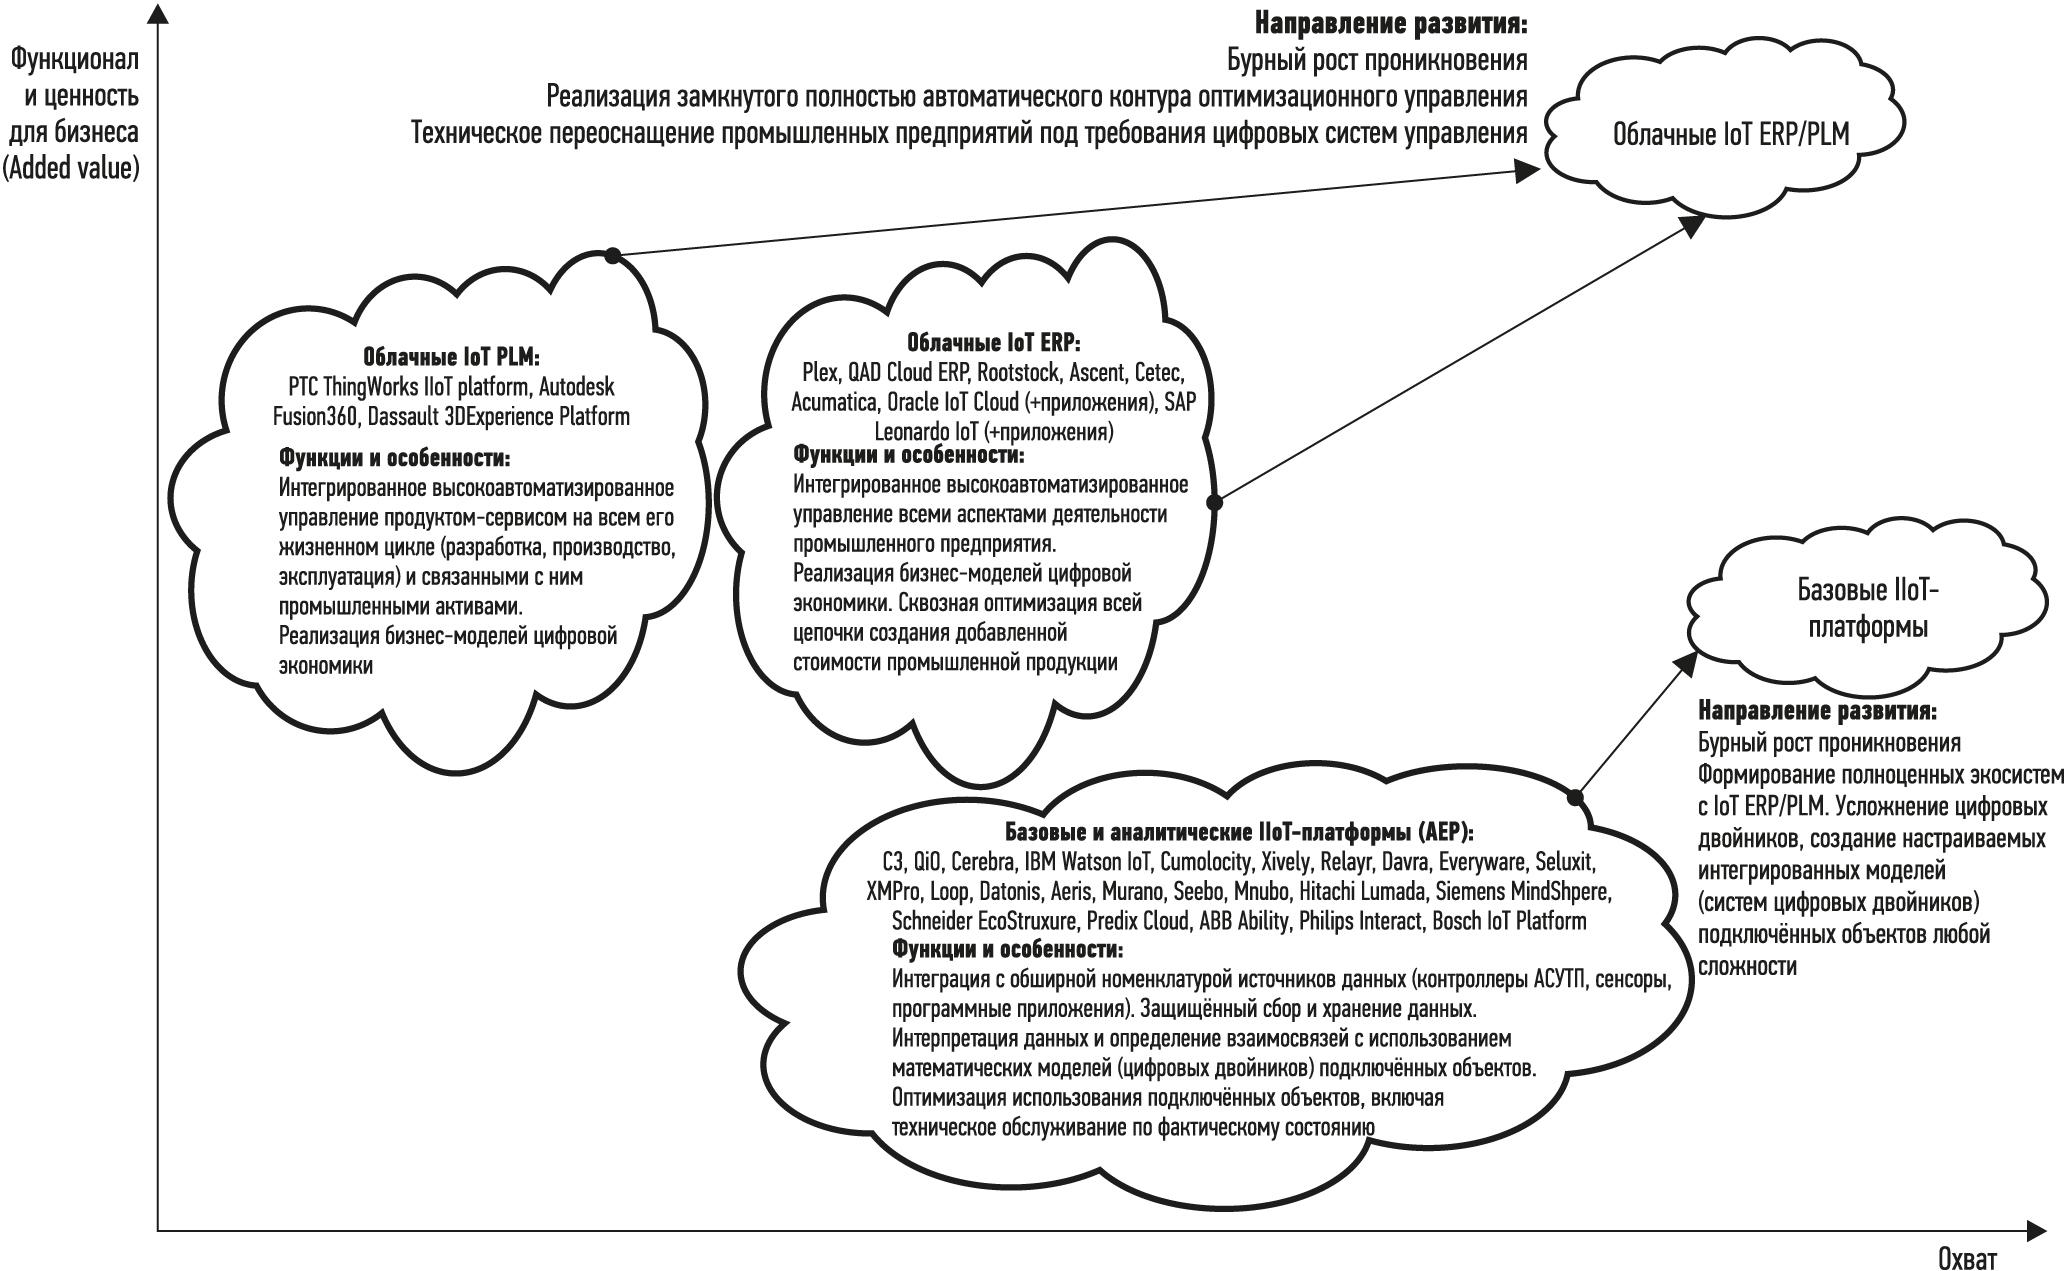 Развитие экосистемы промышленных облачных IIoT-платформ и приложений